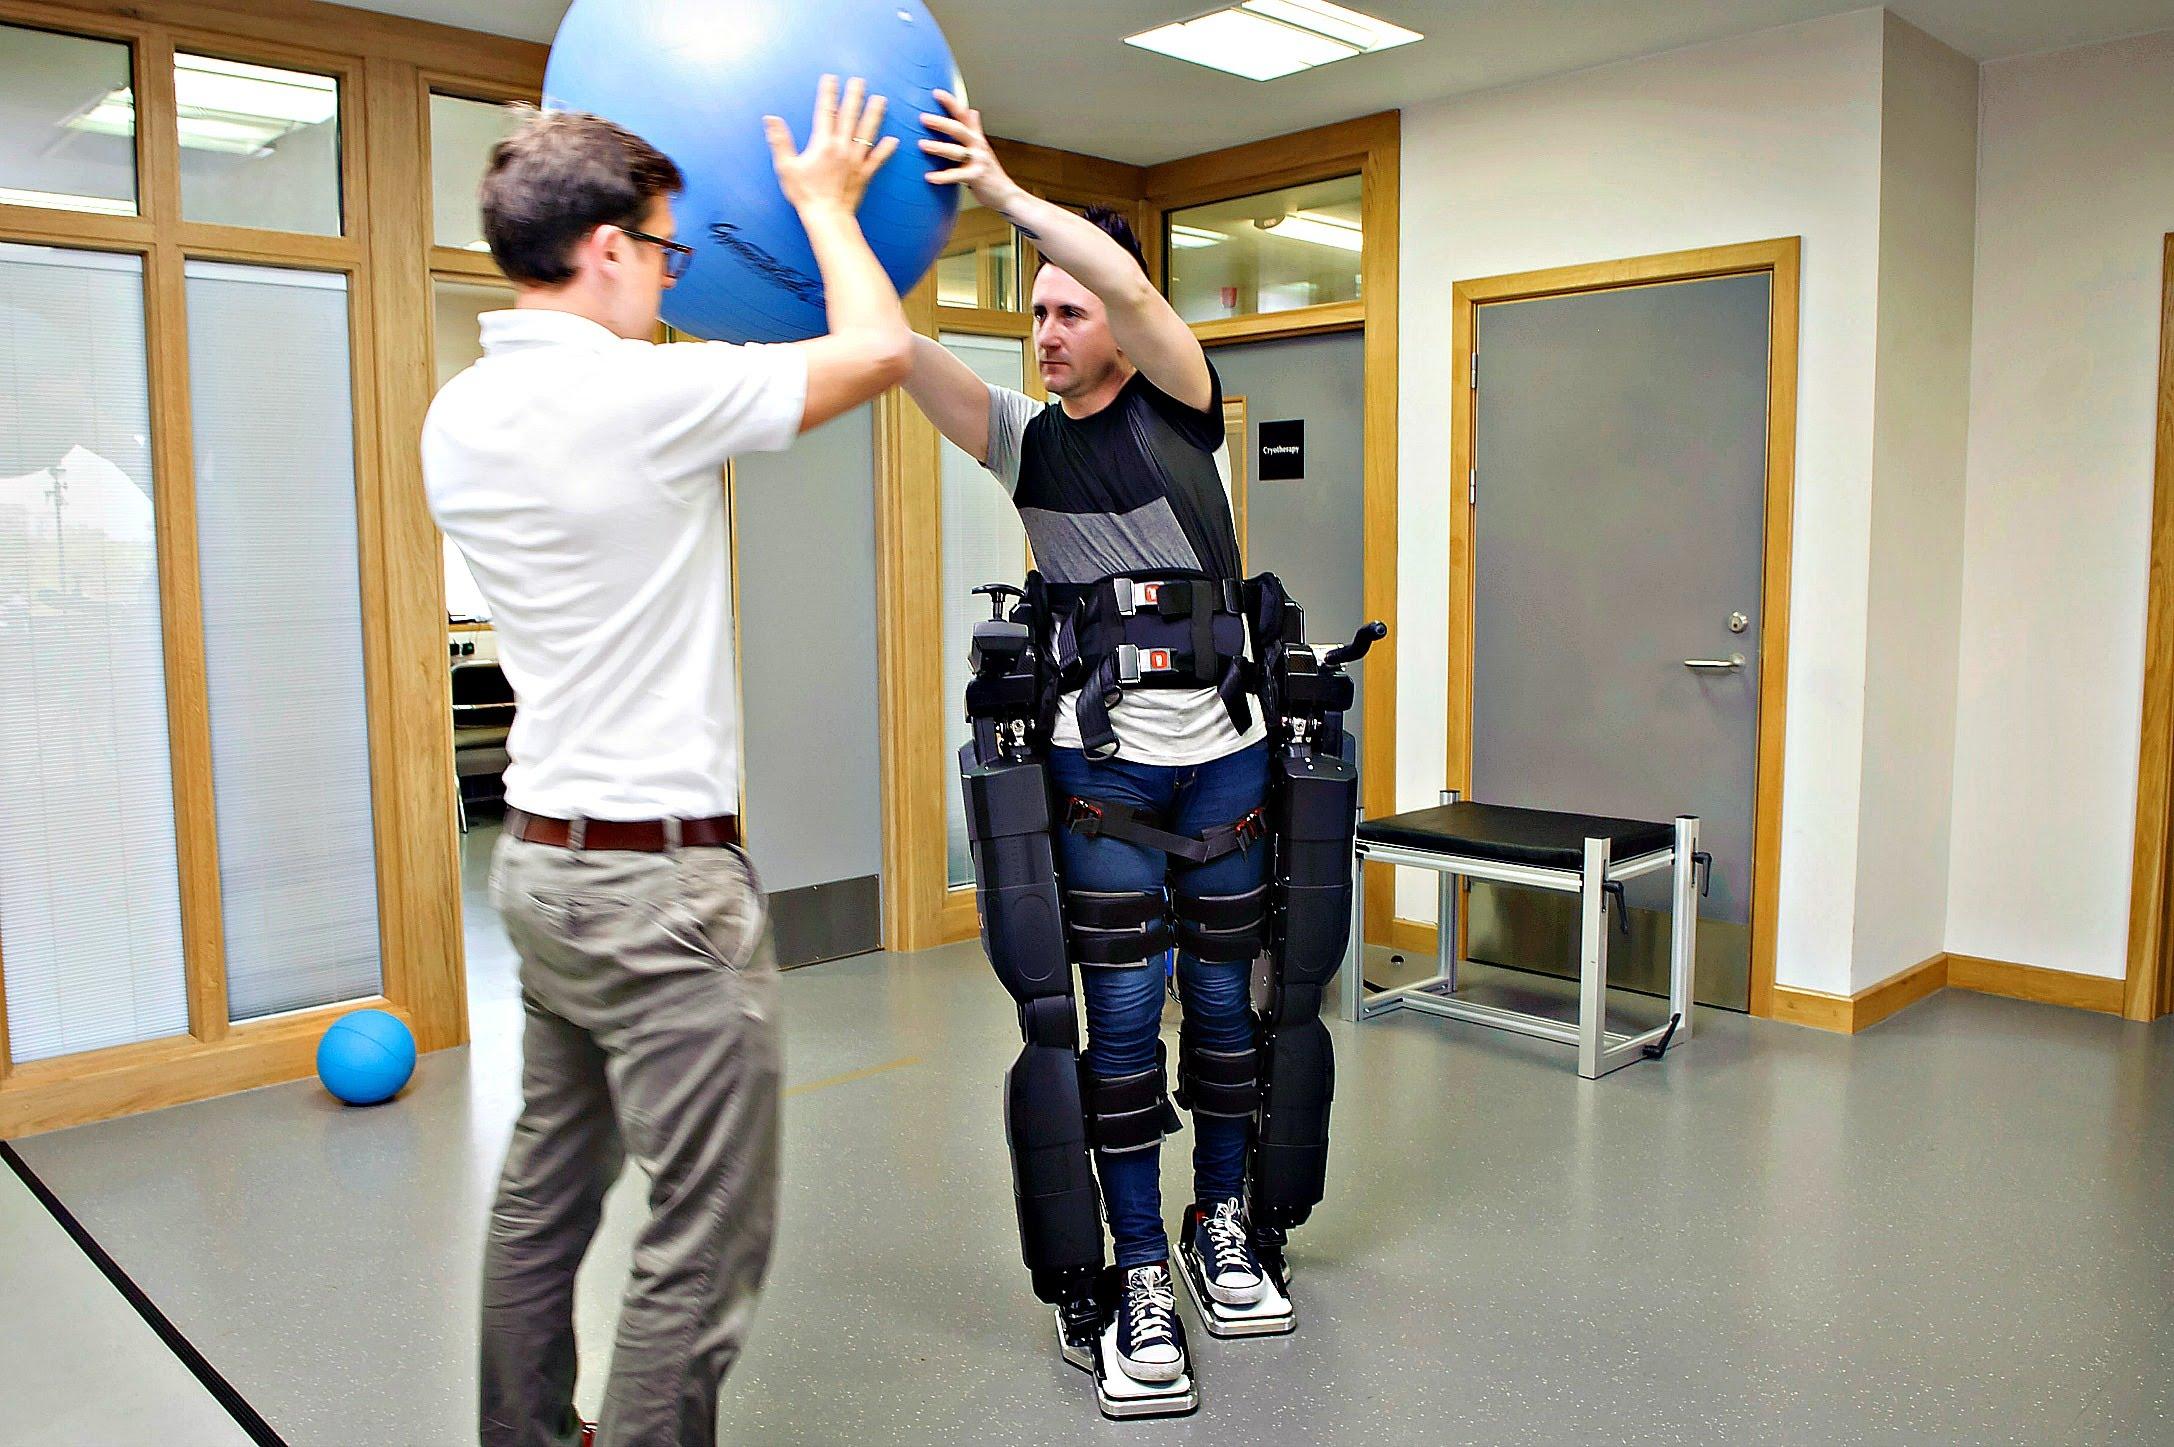 Tecnologias para pessoas com deficiência proporcionam mais autonomia 3